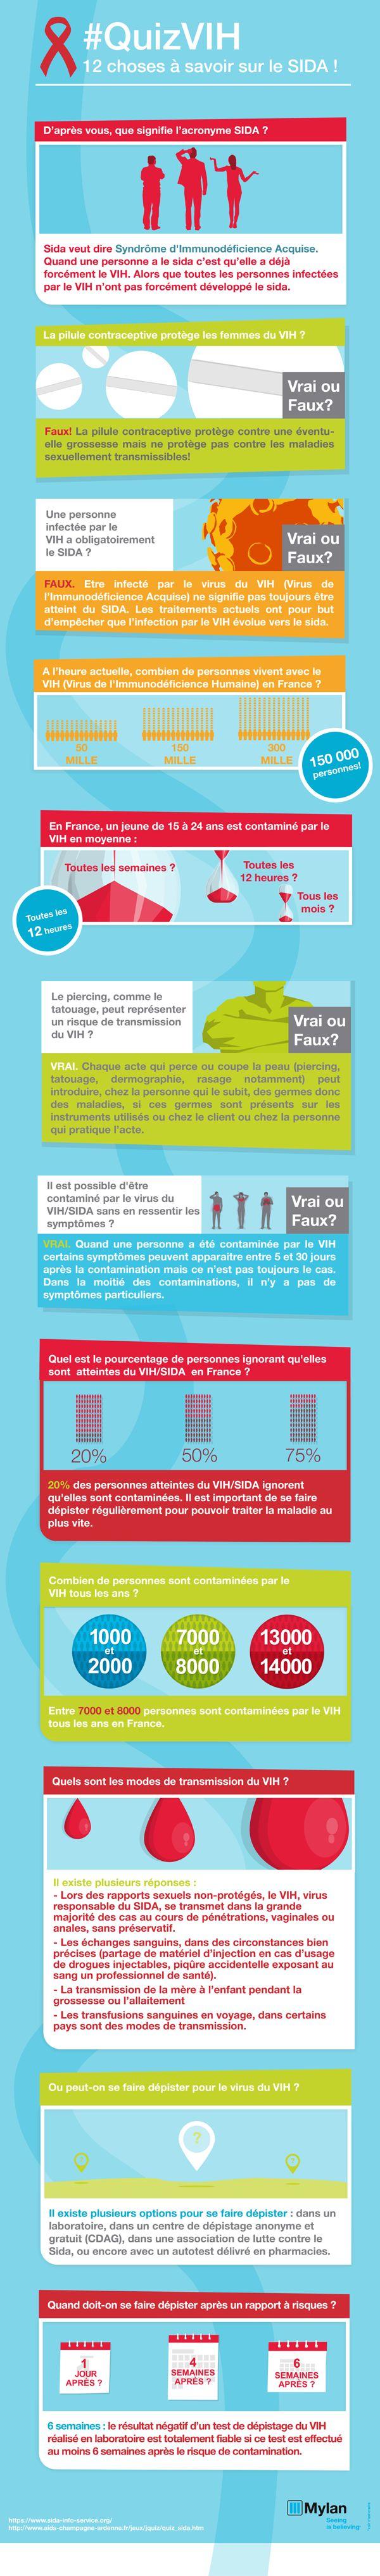 Infographie : 12 choses à savoir sur le #VIH